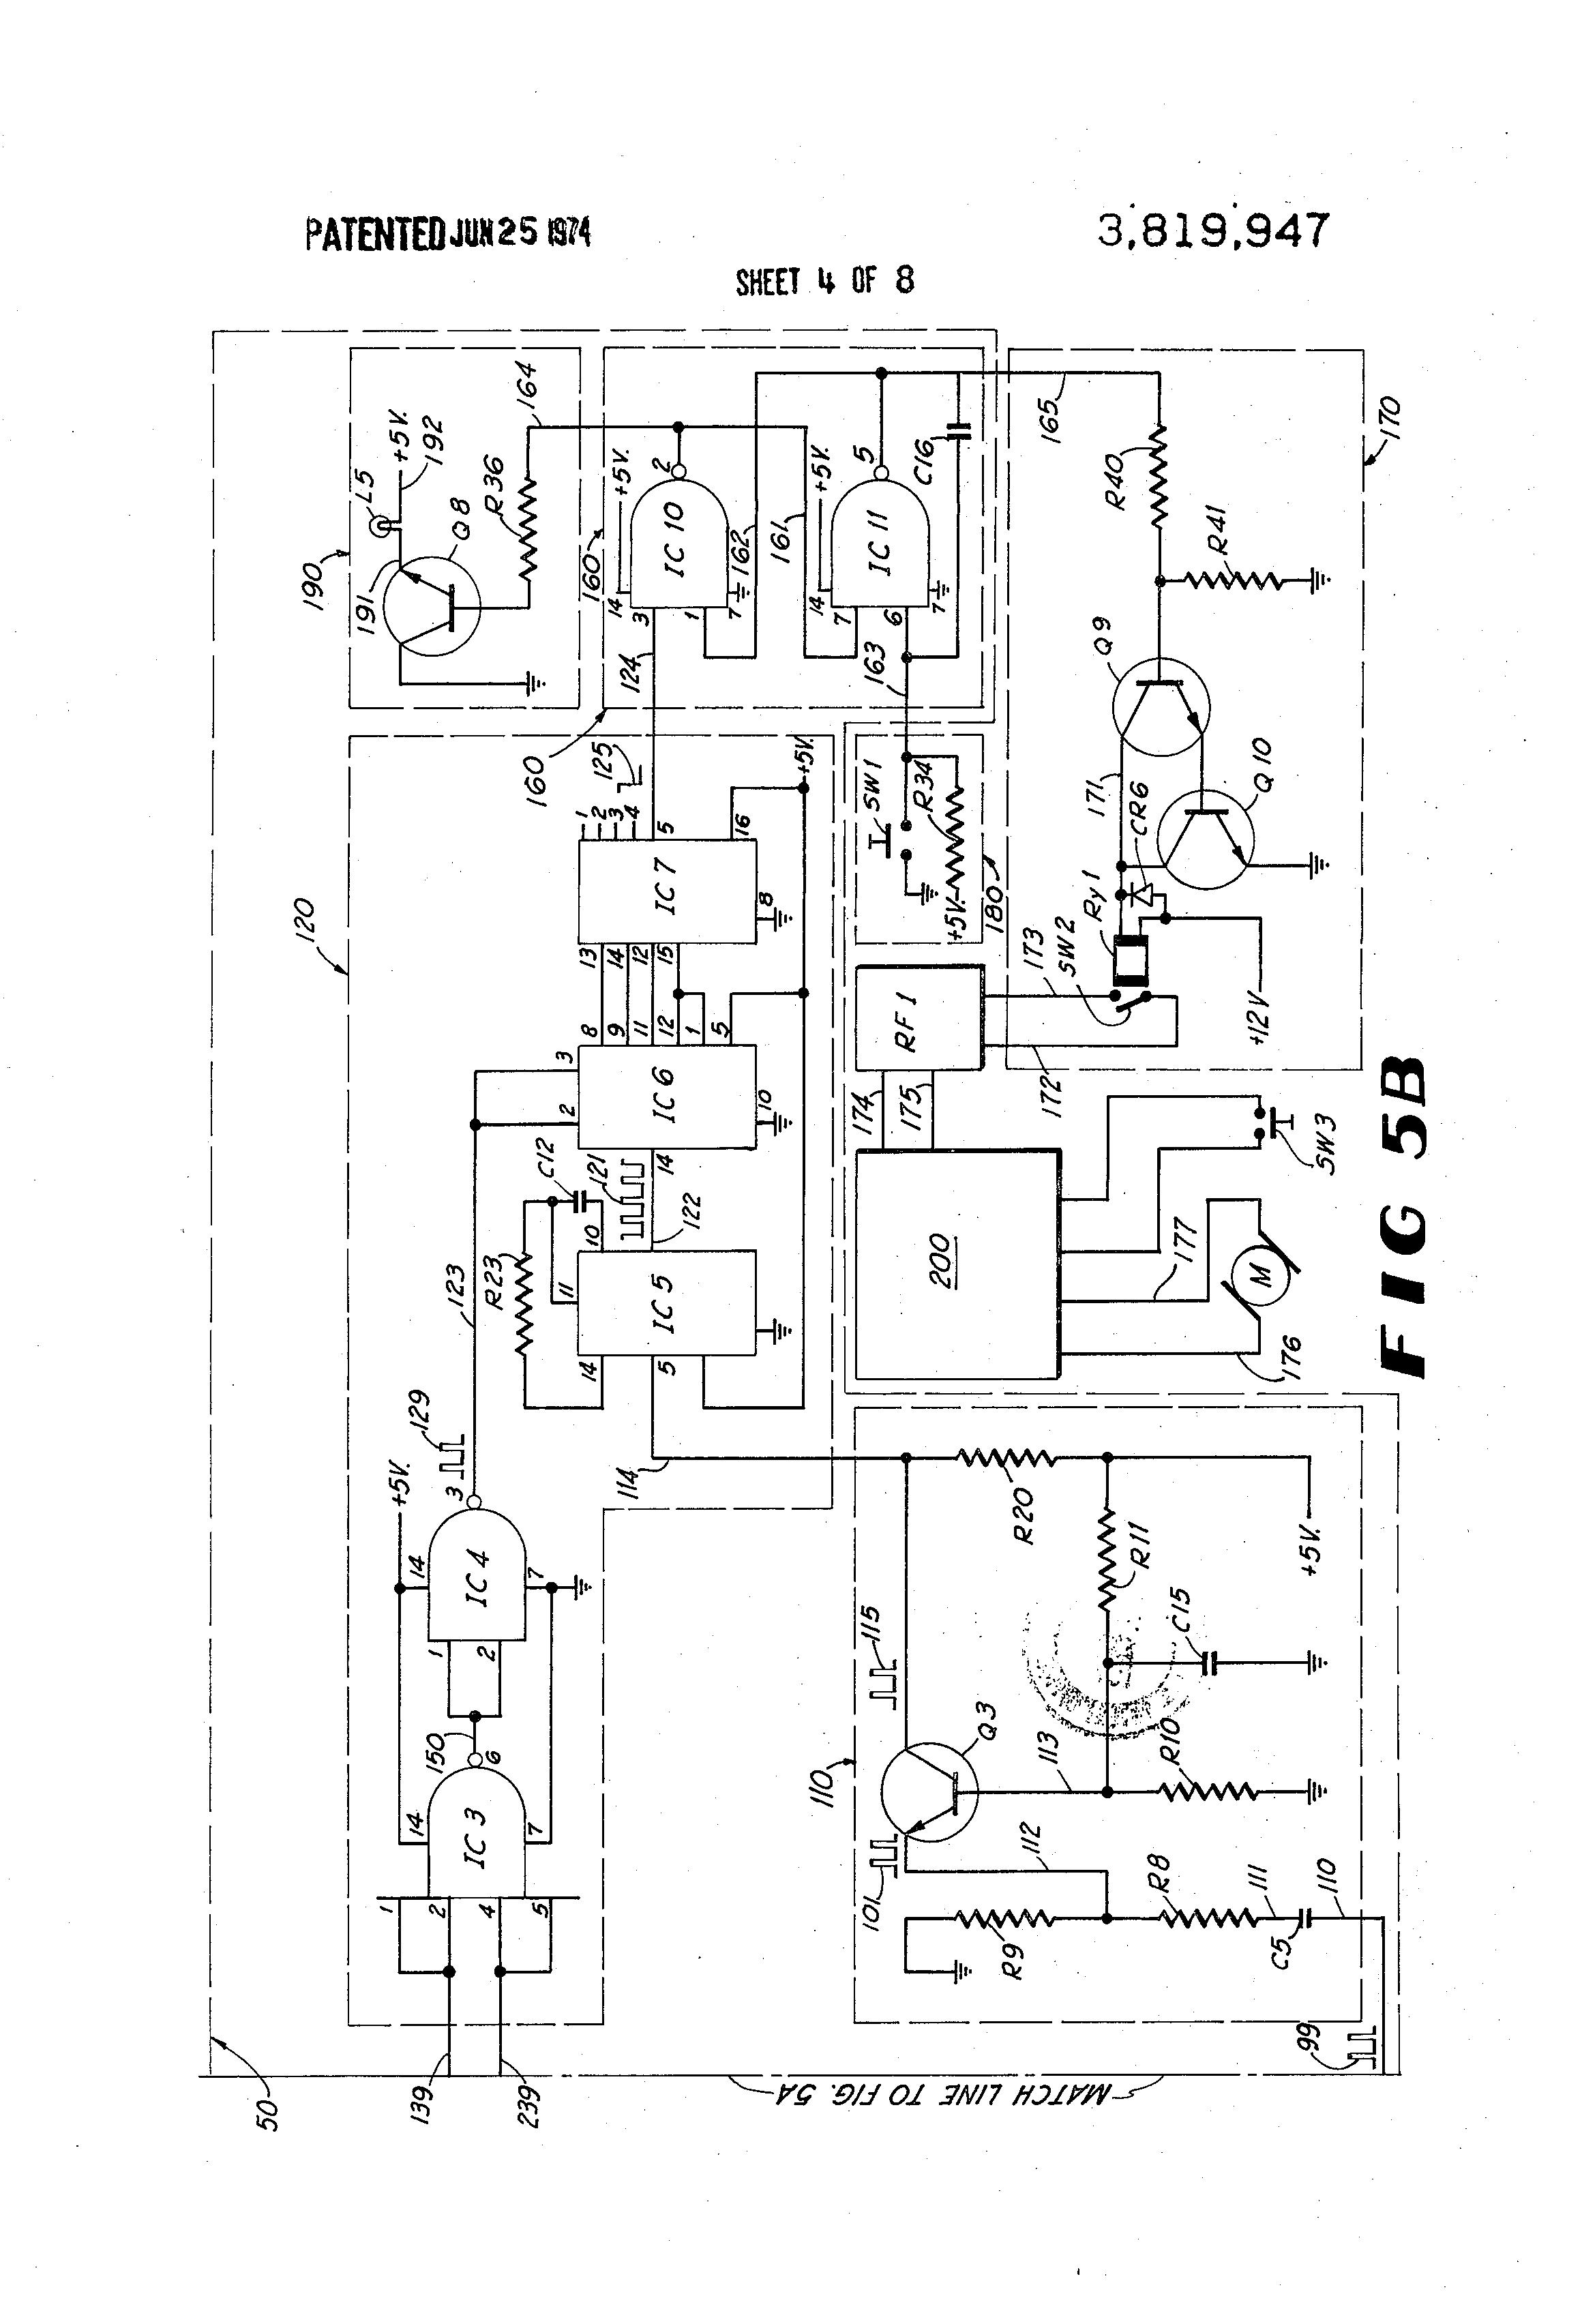 john deere la105 parts manual pdf  diagrams  wiring diagram images